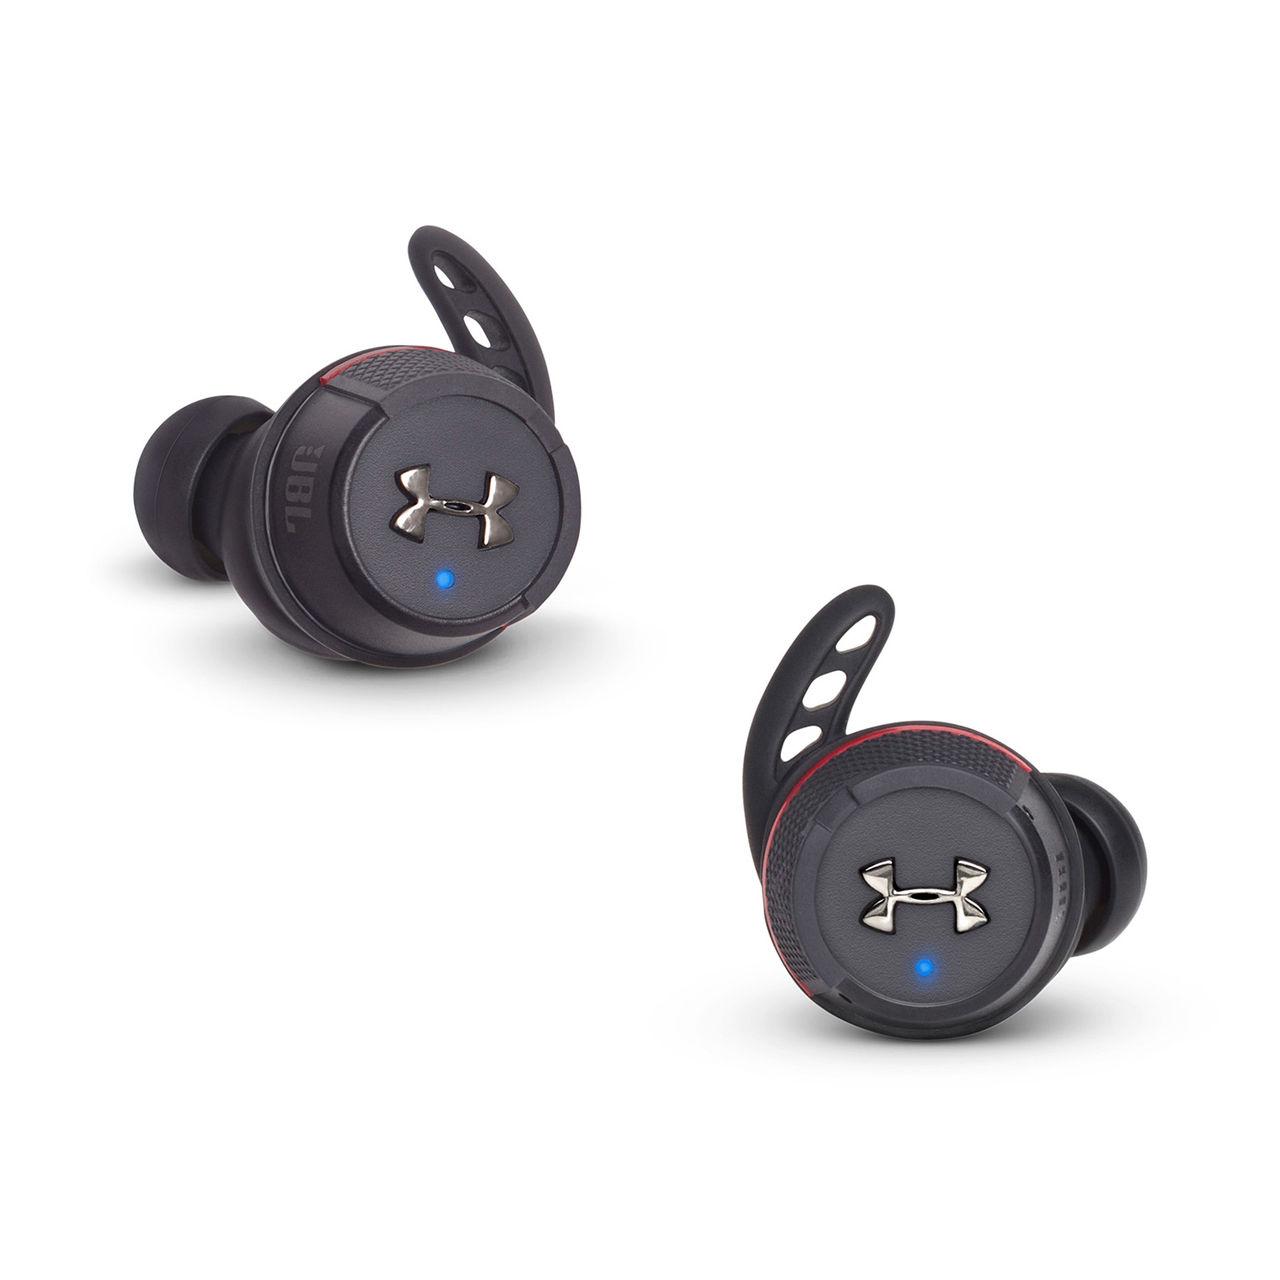 JBL presenterar fler trådlösa in-ear-lurar. Mycket fokus på träning ... 90b2a39e56d13